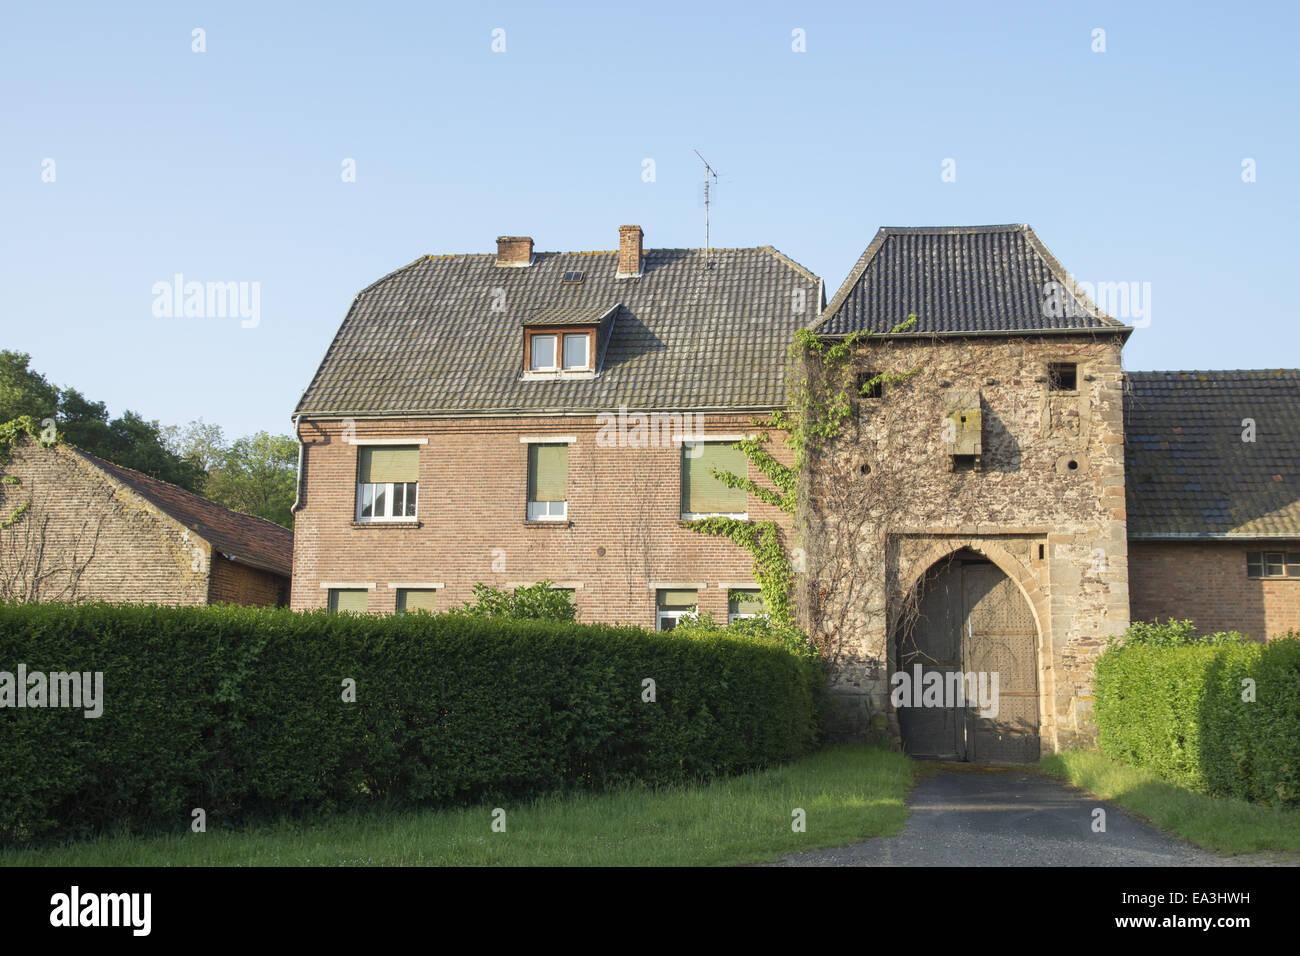 Wisskirchen